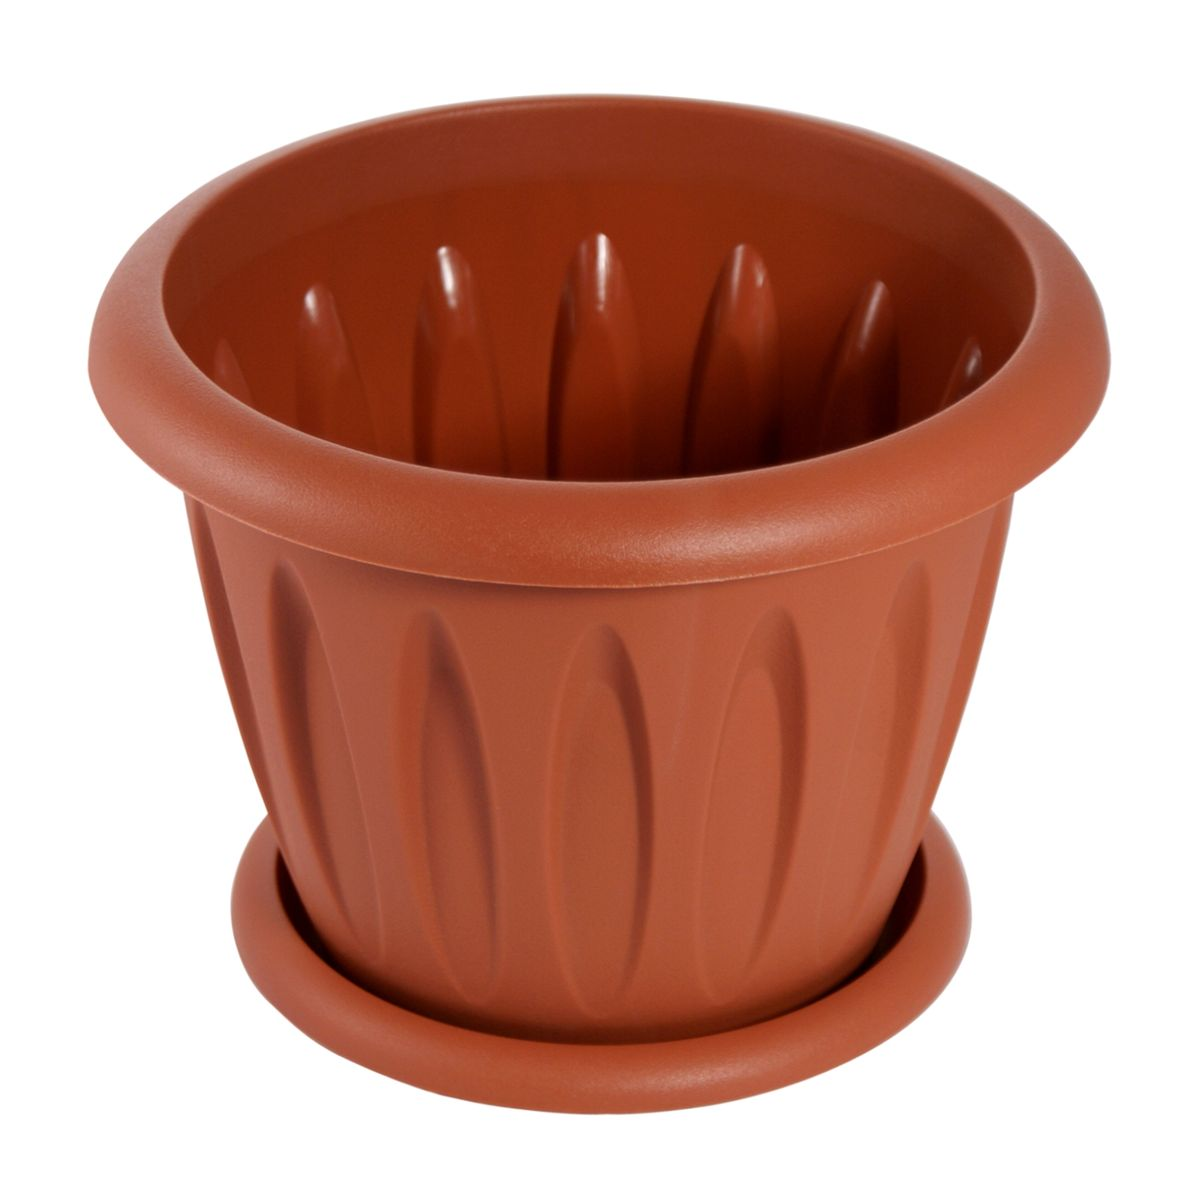 Горшок для цветов Martika Фелиция, с поддоном, цвет: терракотовый, 1,8 лMRC103TЛюбой, даже самый современный и продуманный интерьер будет не завершенным без растений. Они не только очищают воздух и насыщают его кислородом, но и заметно украшают окружающее пространство. Такому полезному члену семьи просто необходимо красивое и функциональное кашпо, оригинальный горшок или необычная ваза! Мы предлагаем - Горшок для растений Фелиция 1,8 л d=18 см с поддоном, цвет терракотовый! Оптимальный выбор материала - это пластмасса! Почему мы так считаем? Малый вес. С легкостью переносите горшки и кашпо с места на место, ставьте их на столики или полки, подвешивайте под потолок, не беспокоясь о нагрузке. Простота ухода. Пластиковые изделия не нуждаются в специальных условиях хранения. Их легко чистить достаточно просто сполоснуть теплой водой. Никаких царапин. Пластиковые кашпо не царапают и не загрязняют поверхности, на которых стоят. Пластик дольше хранит влагу, а значит растение реже нуждается в поливе. Пластмасса не пропускает воздух корневой системе растения не грозят резкие перепады температур. Огромный выбор форм, декора и расцветок вы без труда подберете что-то, что идеально впишется в уже существующий интерьер. Соблюдая нехитрые правила ухода, вы можете заметно продлить срок службы горшков, вазонов и кашпо из пластика: всегда учитывайте размер кроны и корневой системы растения (при разрастании большое растение способно повредить маленький горшок) берегите изделие от воздействия прямых солнечных лучей, чтобы кашпо и горшки не выцветали держите кашпо и горшки из пластика подальше от нагревающихся поверхностей. Создавайте прекрасные цветочные композиции, выращивайте рассаду или необычные растения, а низкие цены позволят вам не ограничивать себя в выборе.